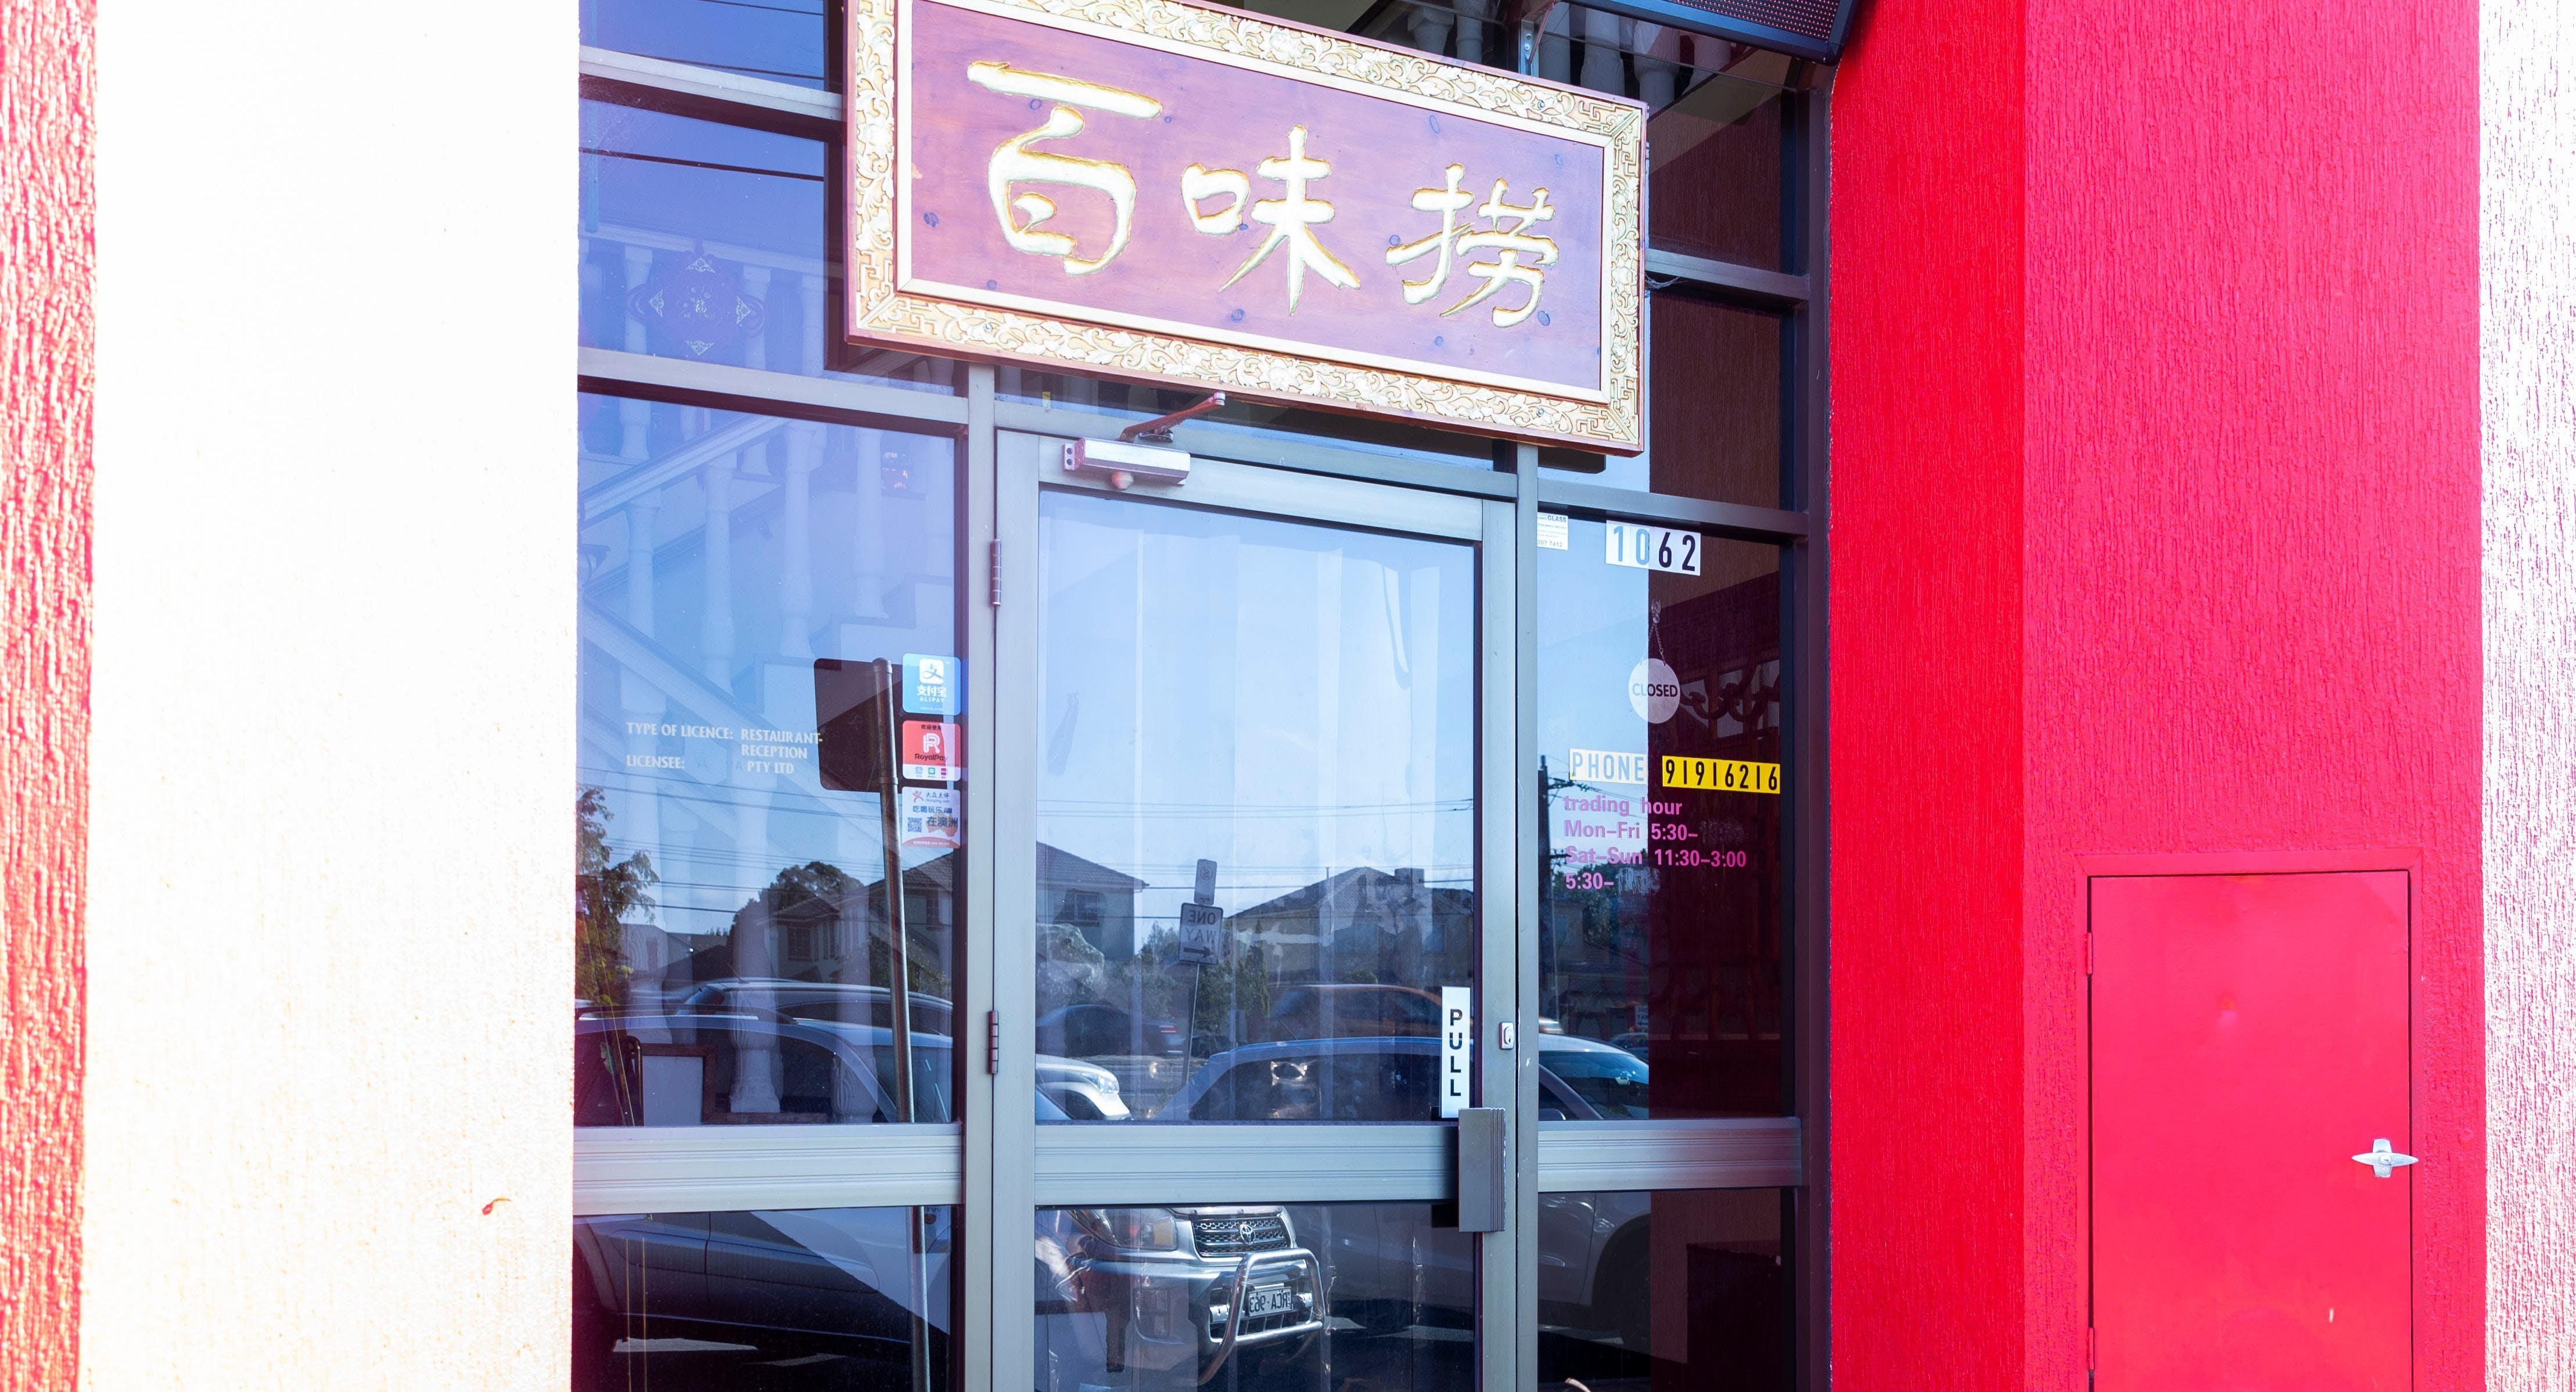 Bai Wei Lao Hotpot Buffet